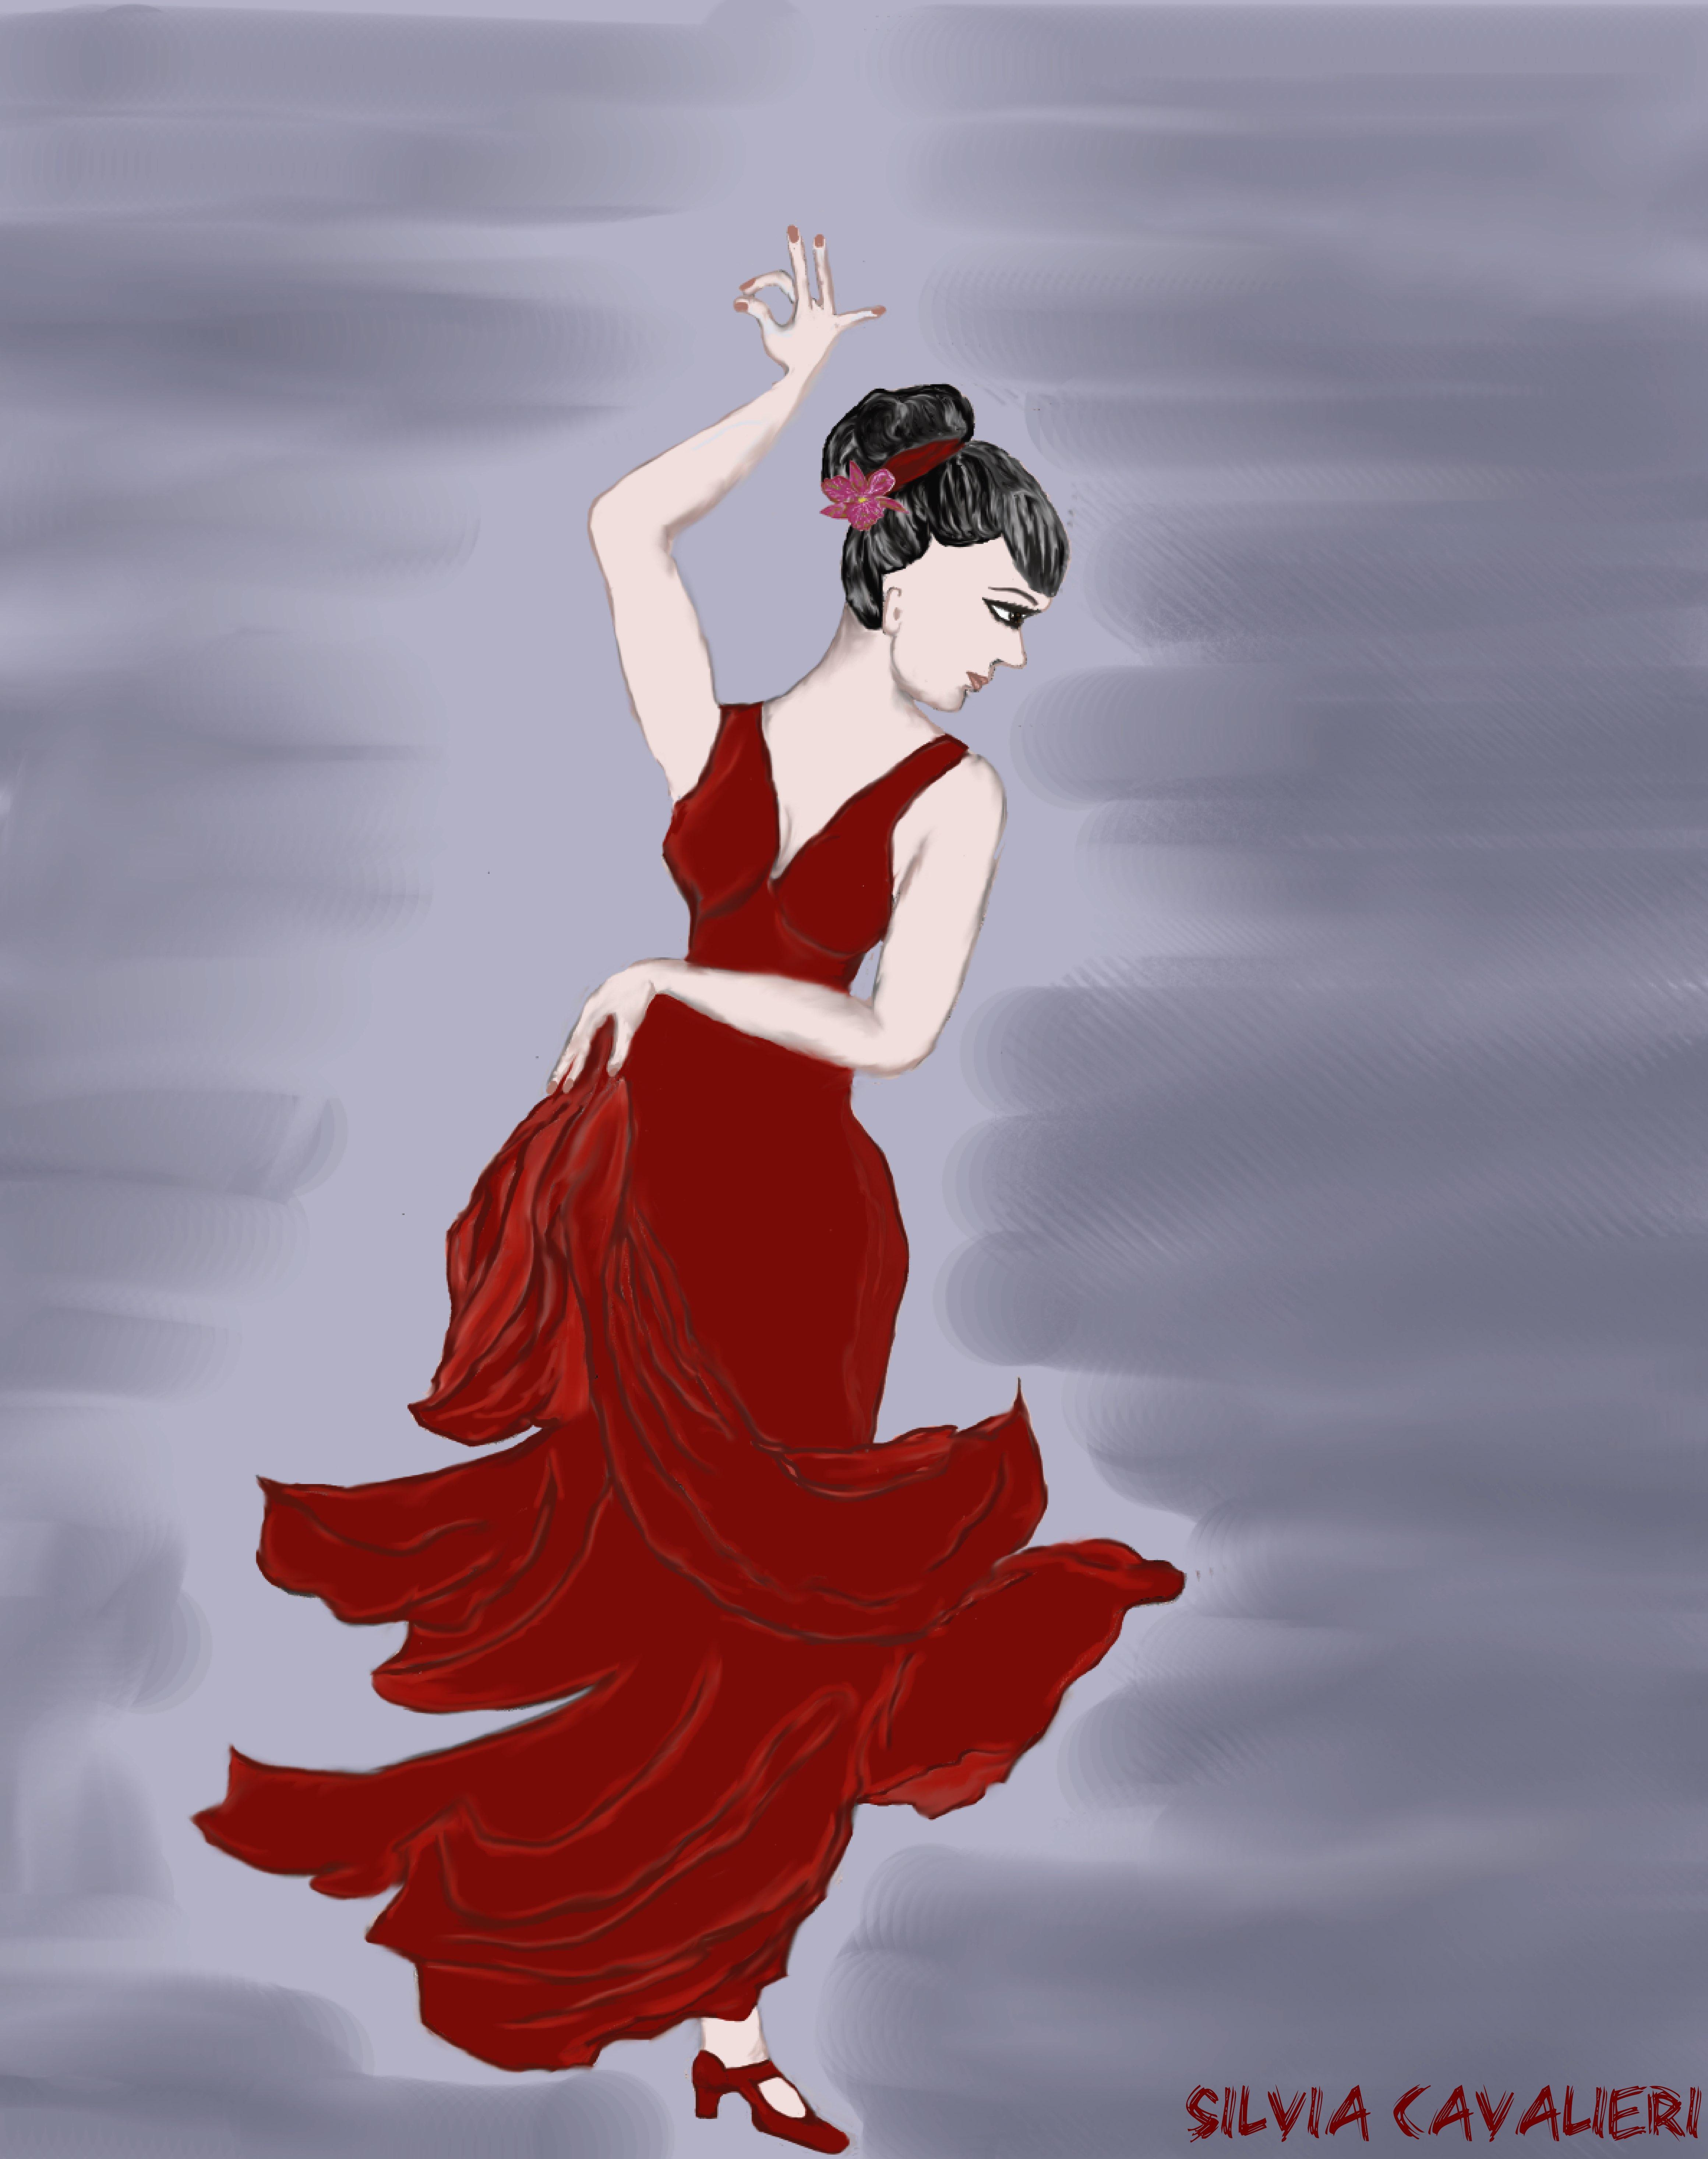 Bello danzar